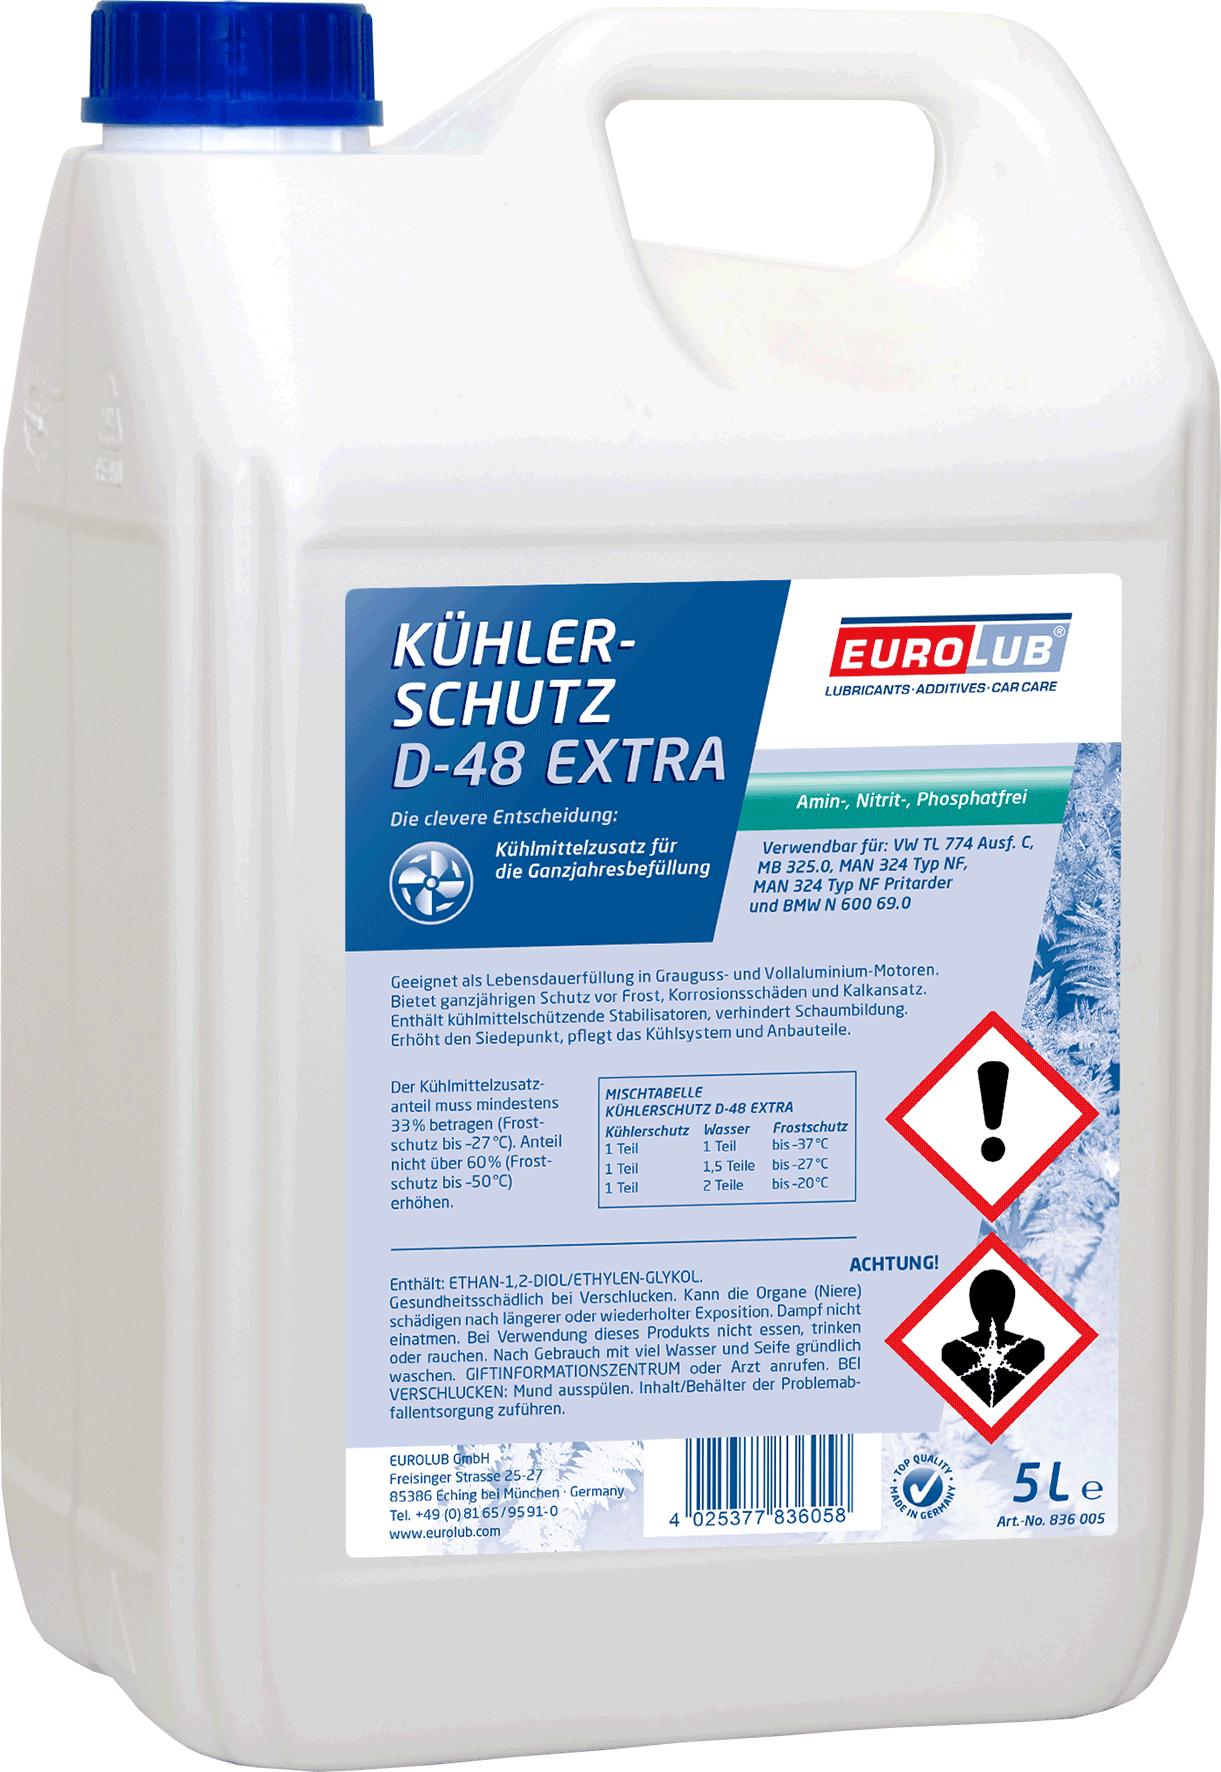 EUROLUB PROCAR Kuhlerschutz D48 Extra, 5л